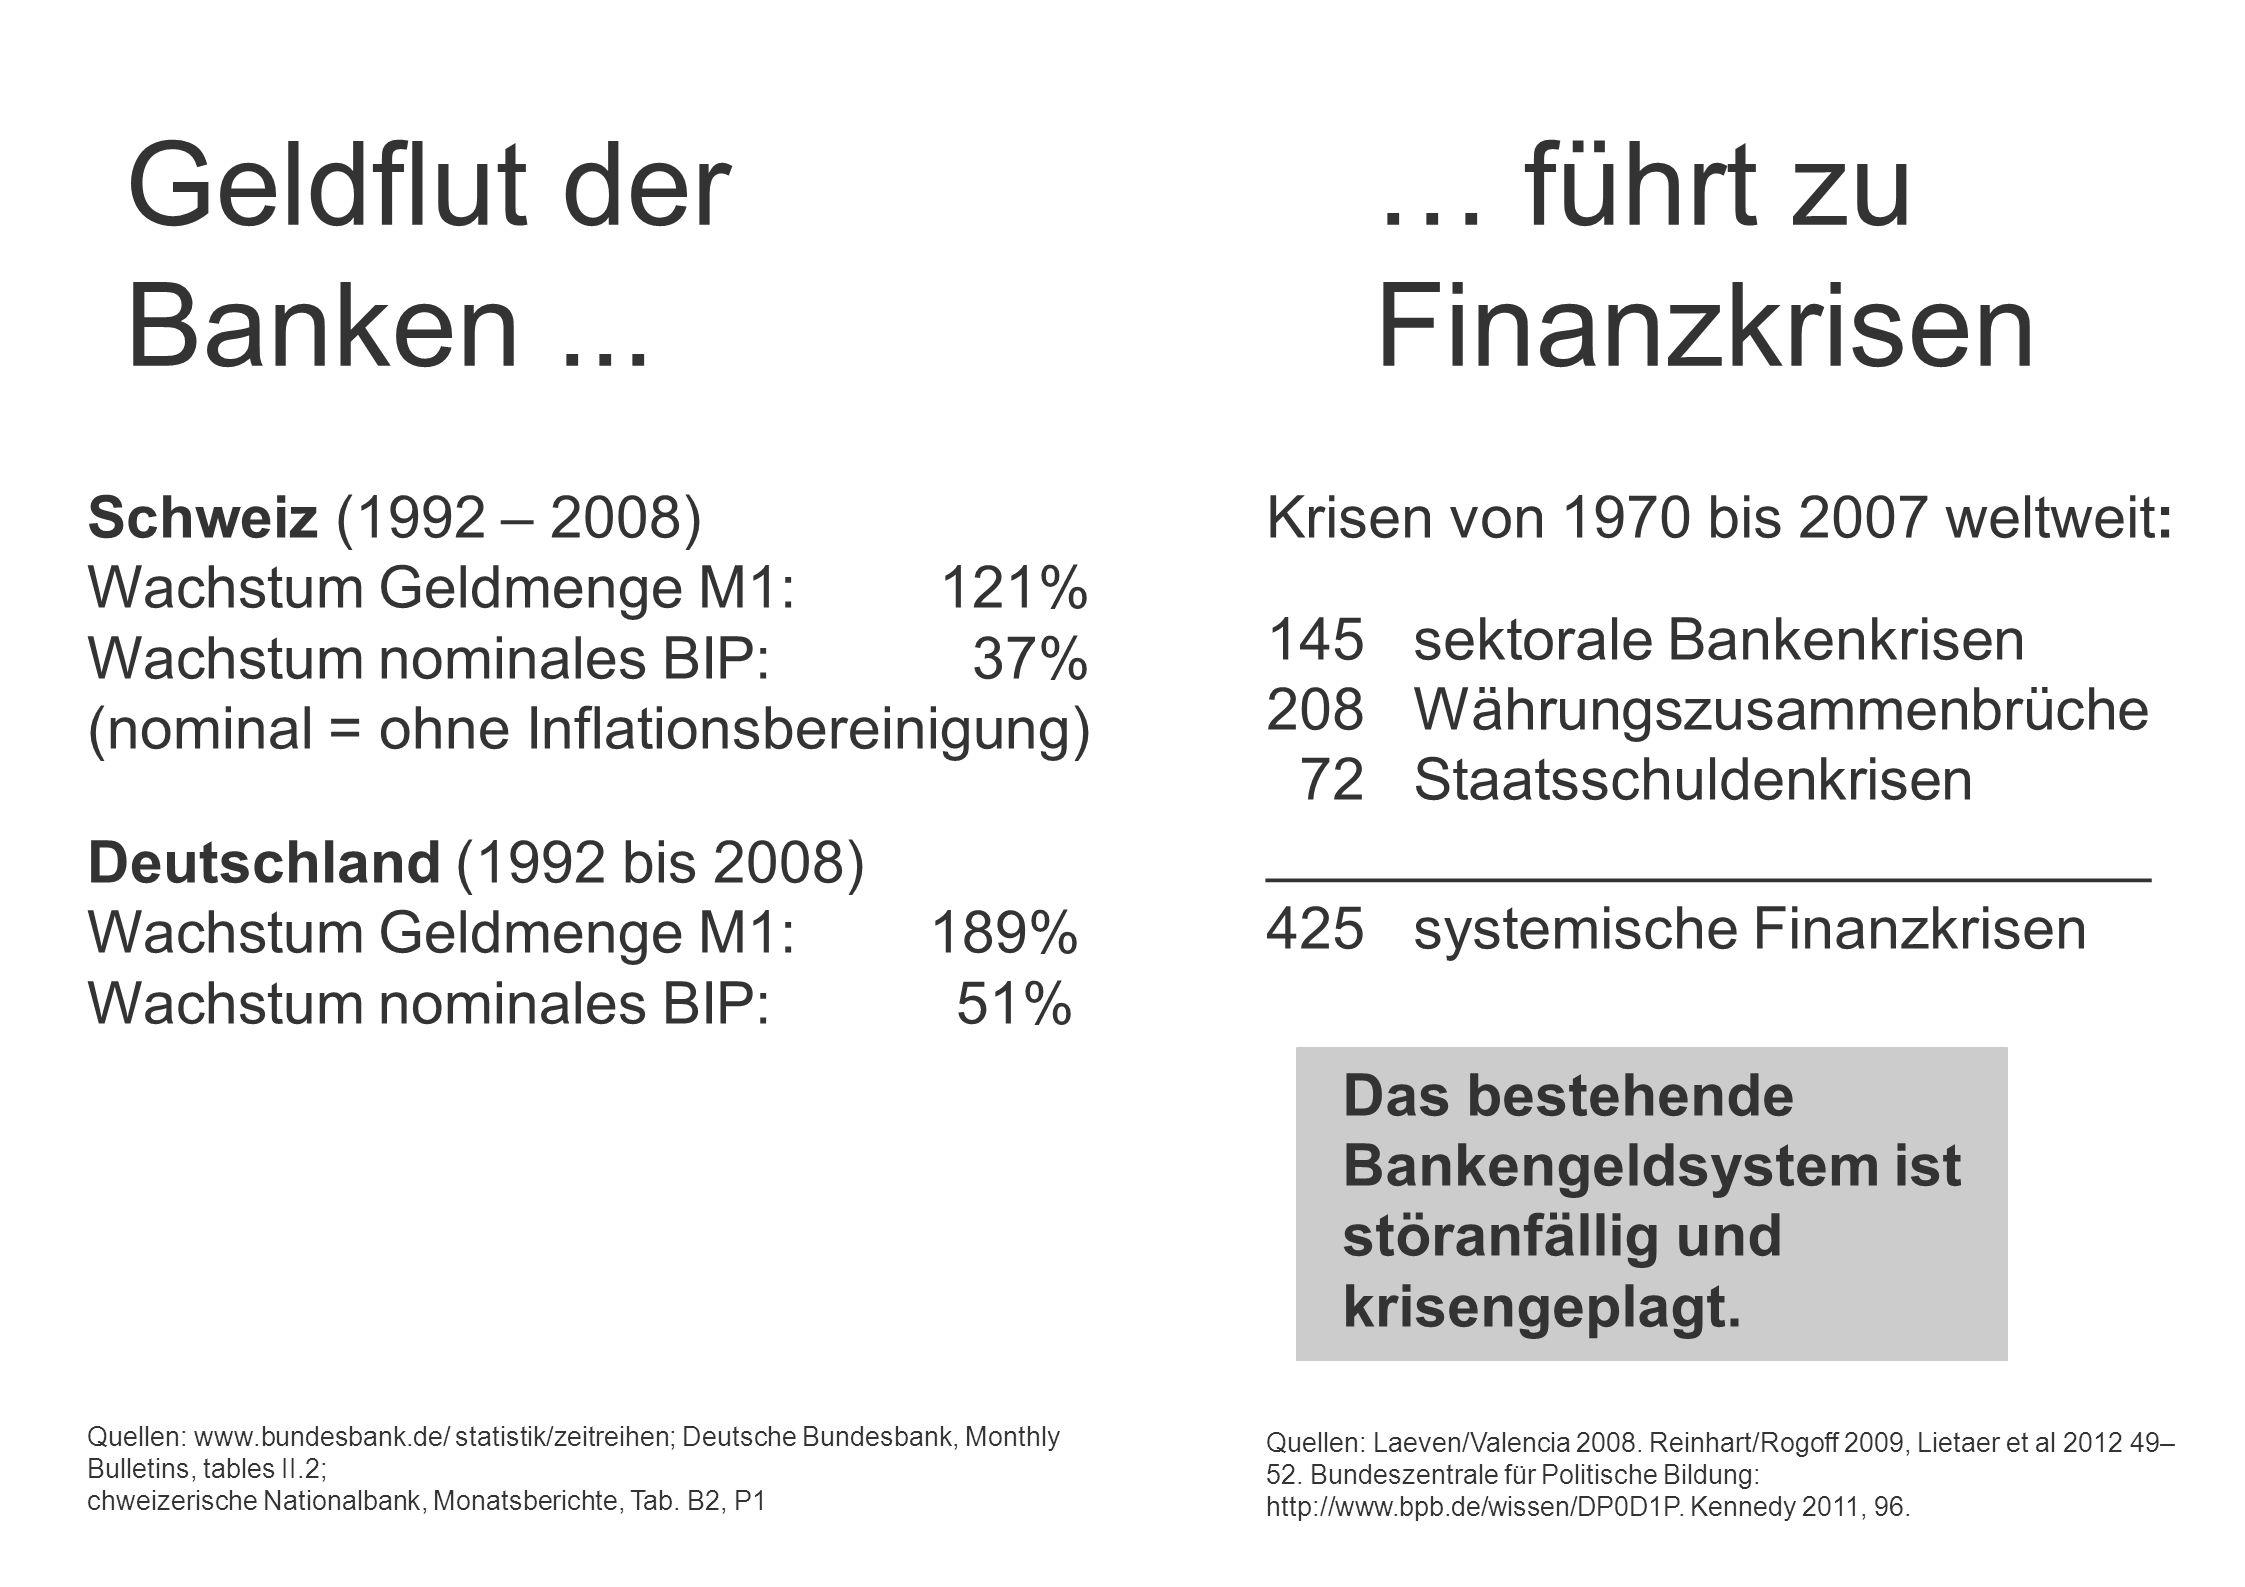 Krisen von 1970 bis 2007 weltweit: 145 sektorale Bankenkrisen 208 Währungszusammenbrüche 72 Staatsschuldenkrisen ___________________________ 425 syste